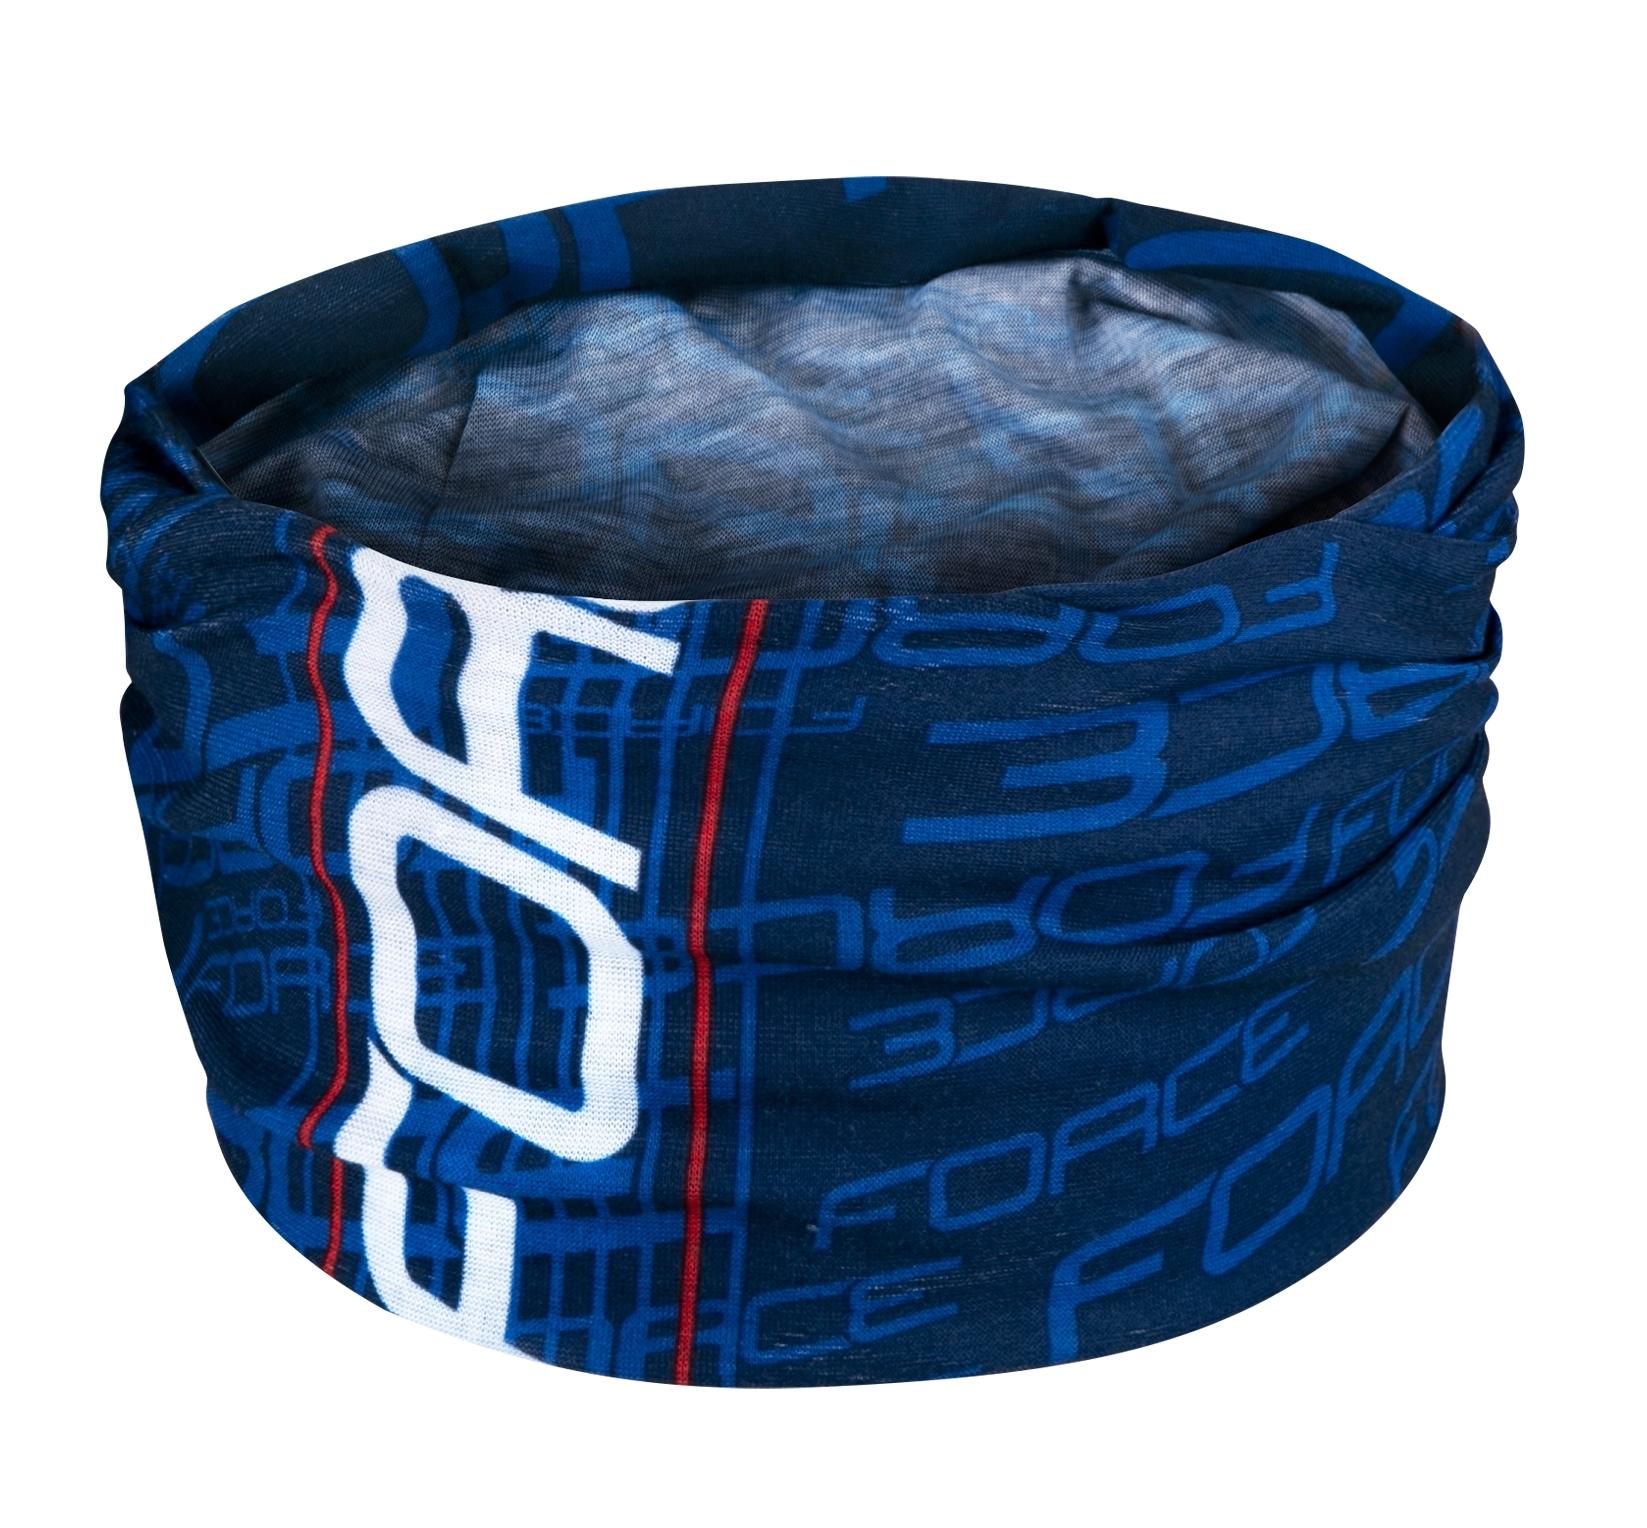 šátek multifunkční FORCE léto, modrý, UNI